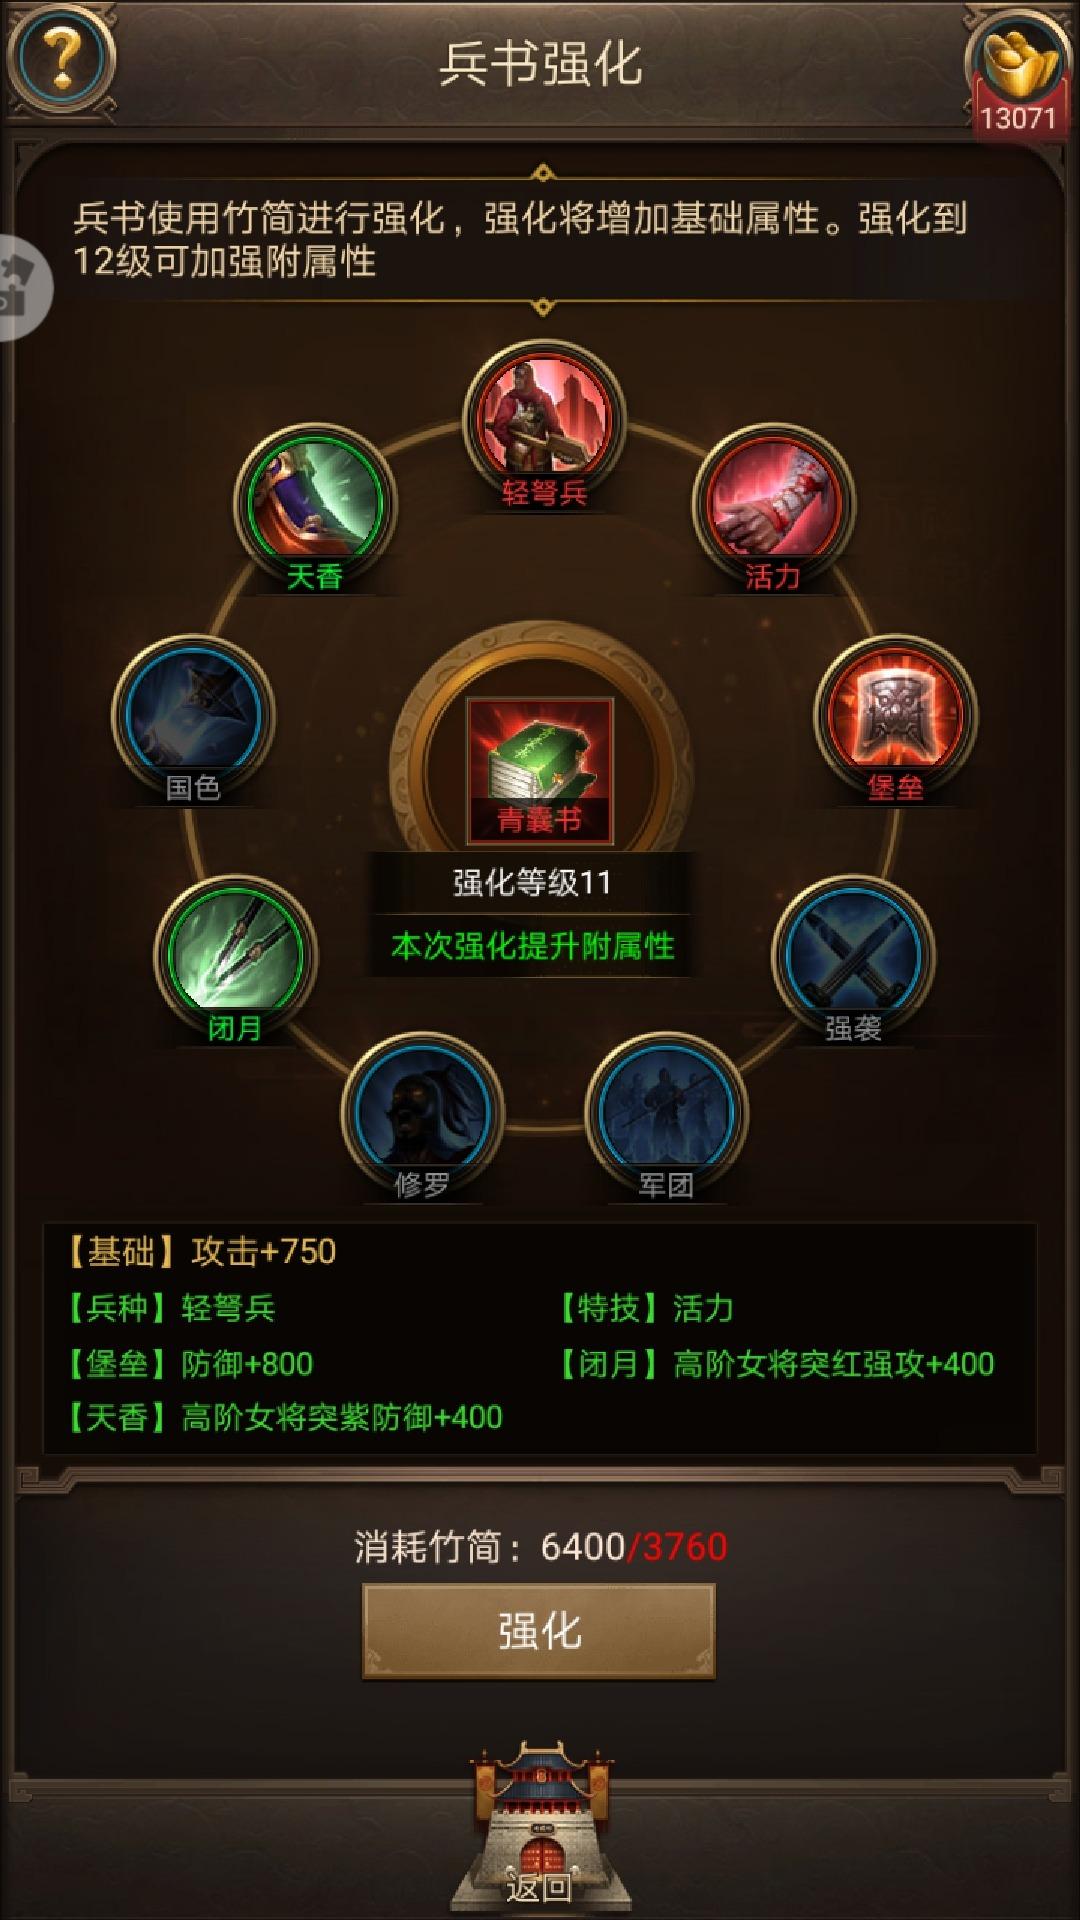 Screenshot_20191230_015747_juedi.tatuyin.rxsg.huawei.jpg